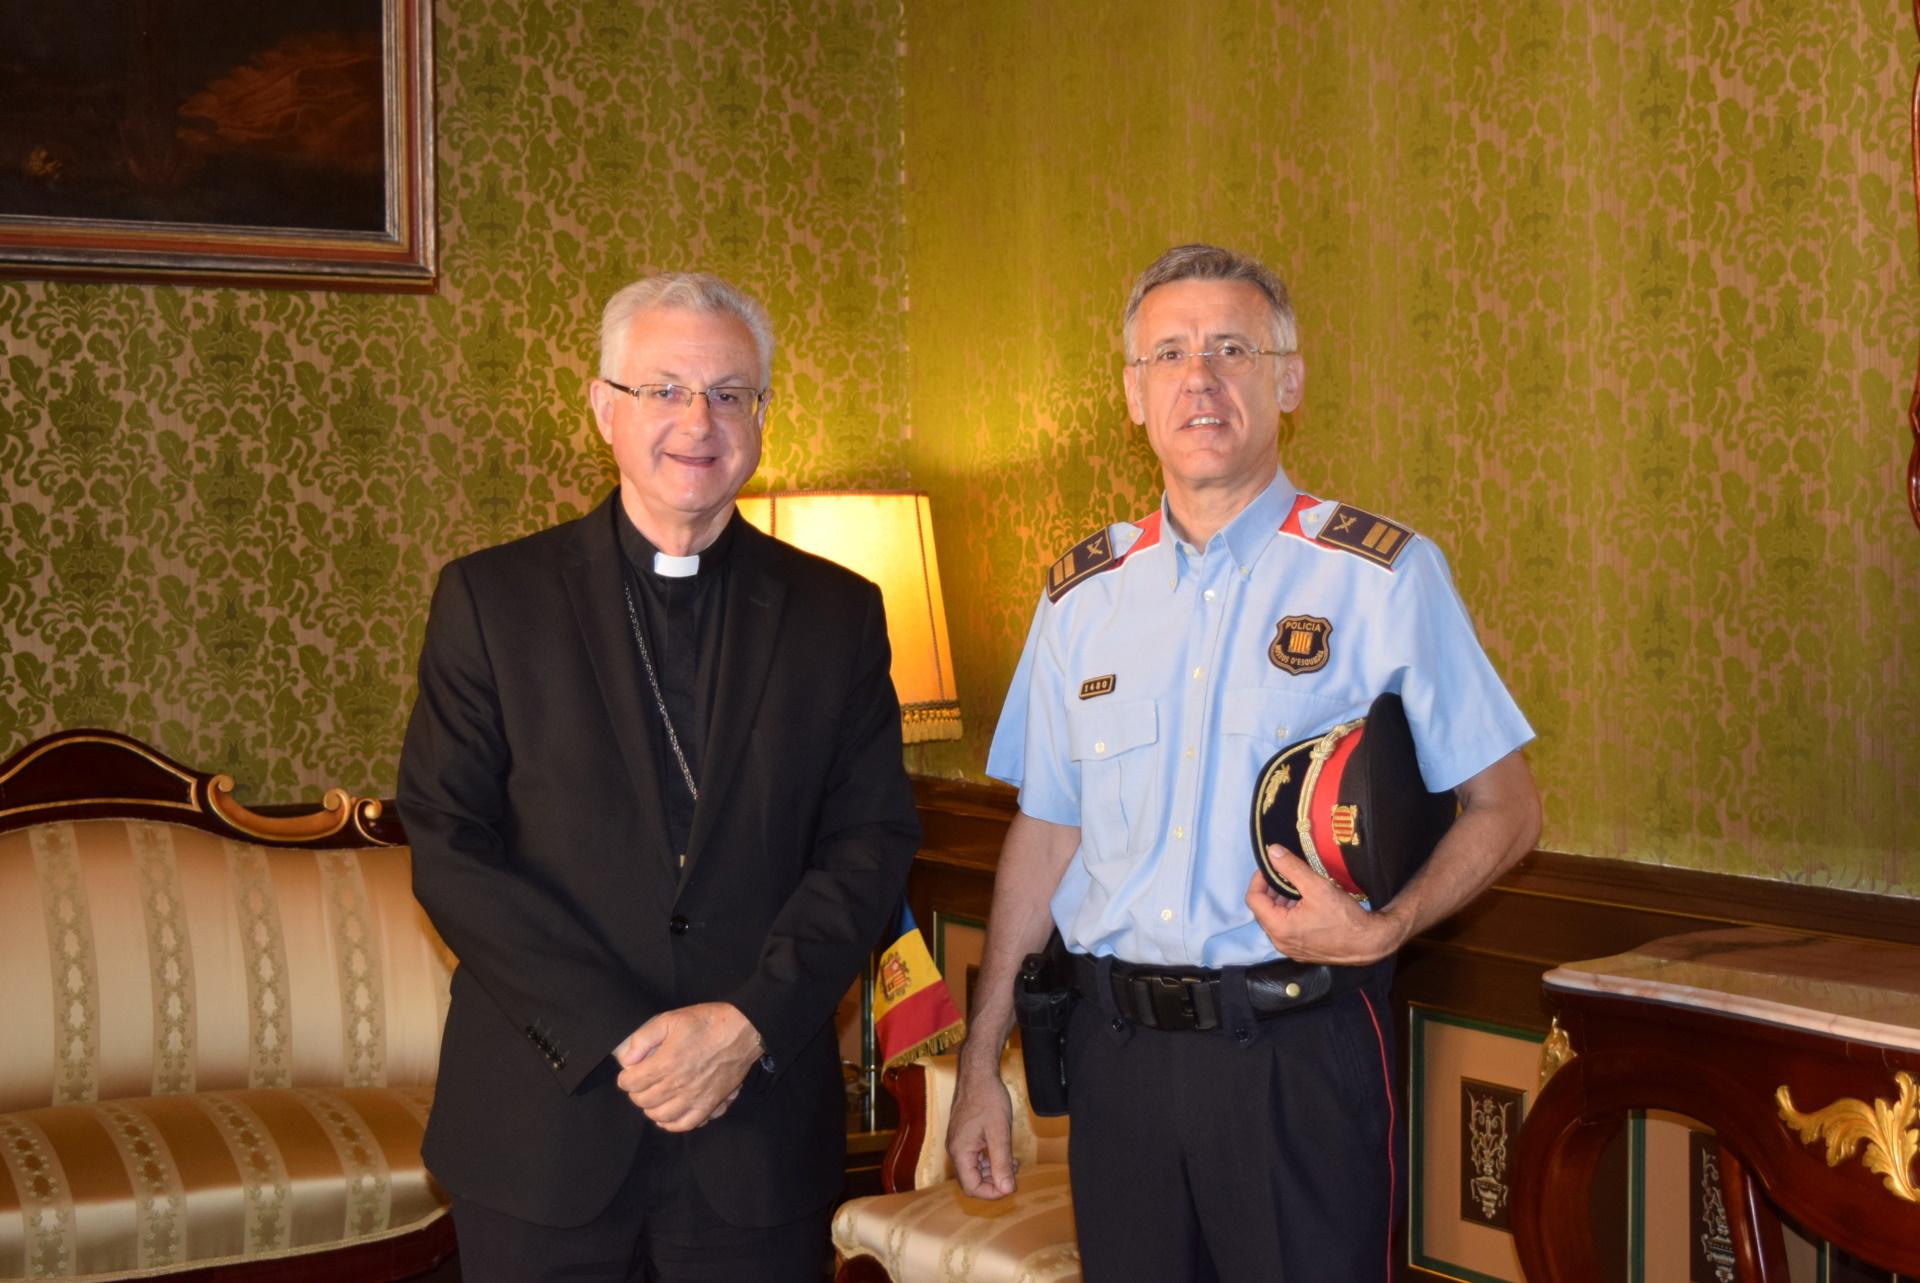 L'arquebisbe Vives insisteix a fer política i no respecta la separació entre l'Església i l'Estat